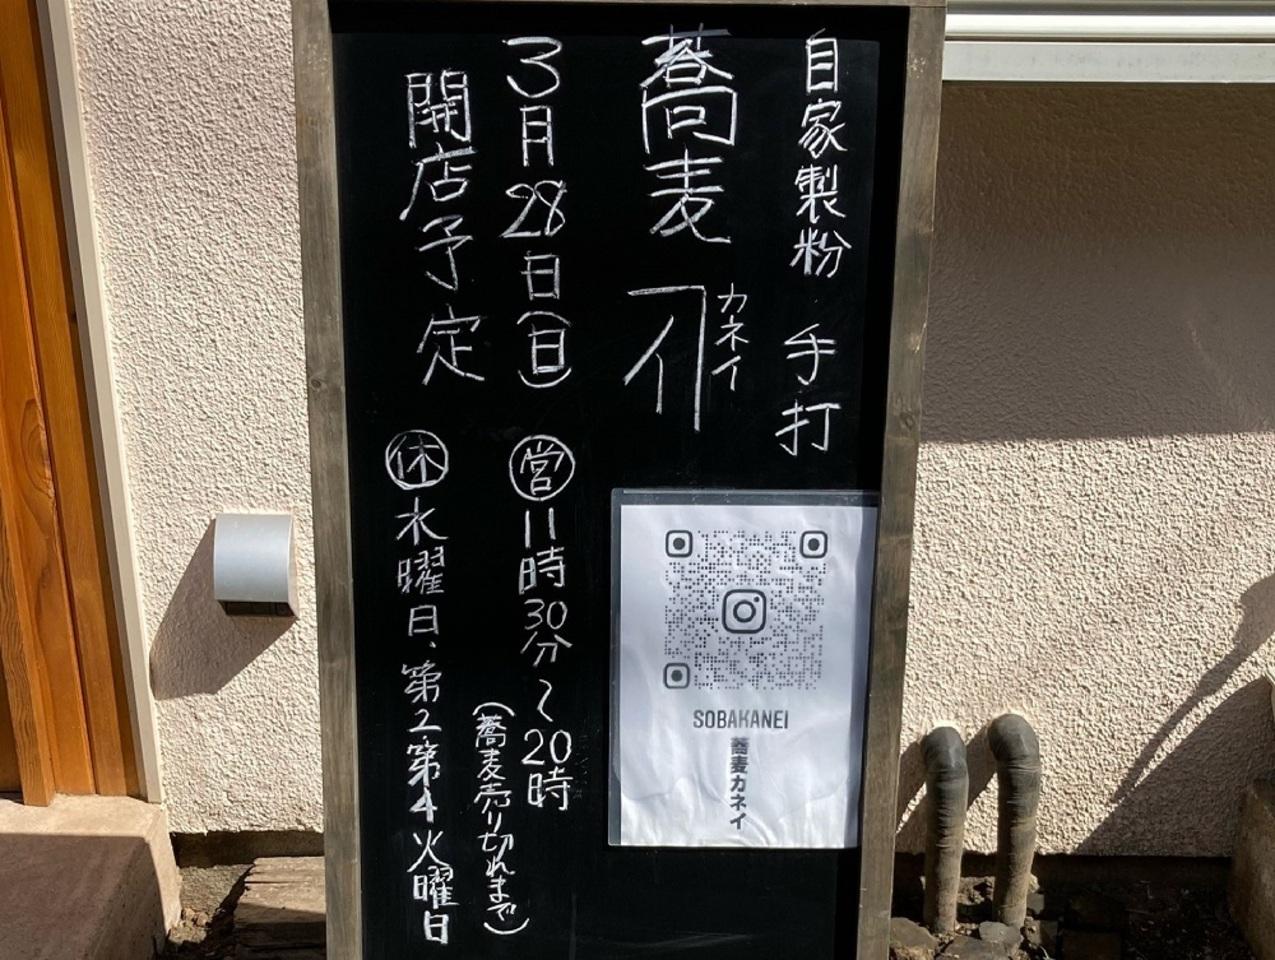 東京都杉並区西荻南3丁目に「蕎麦 カネイ」が本日オープンされたようです。